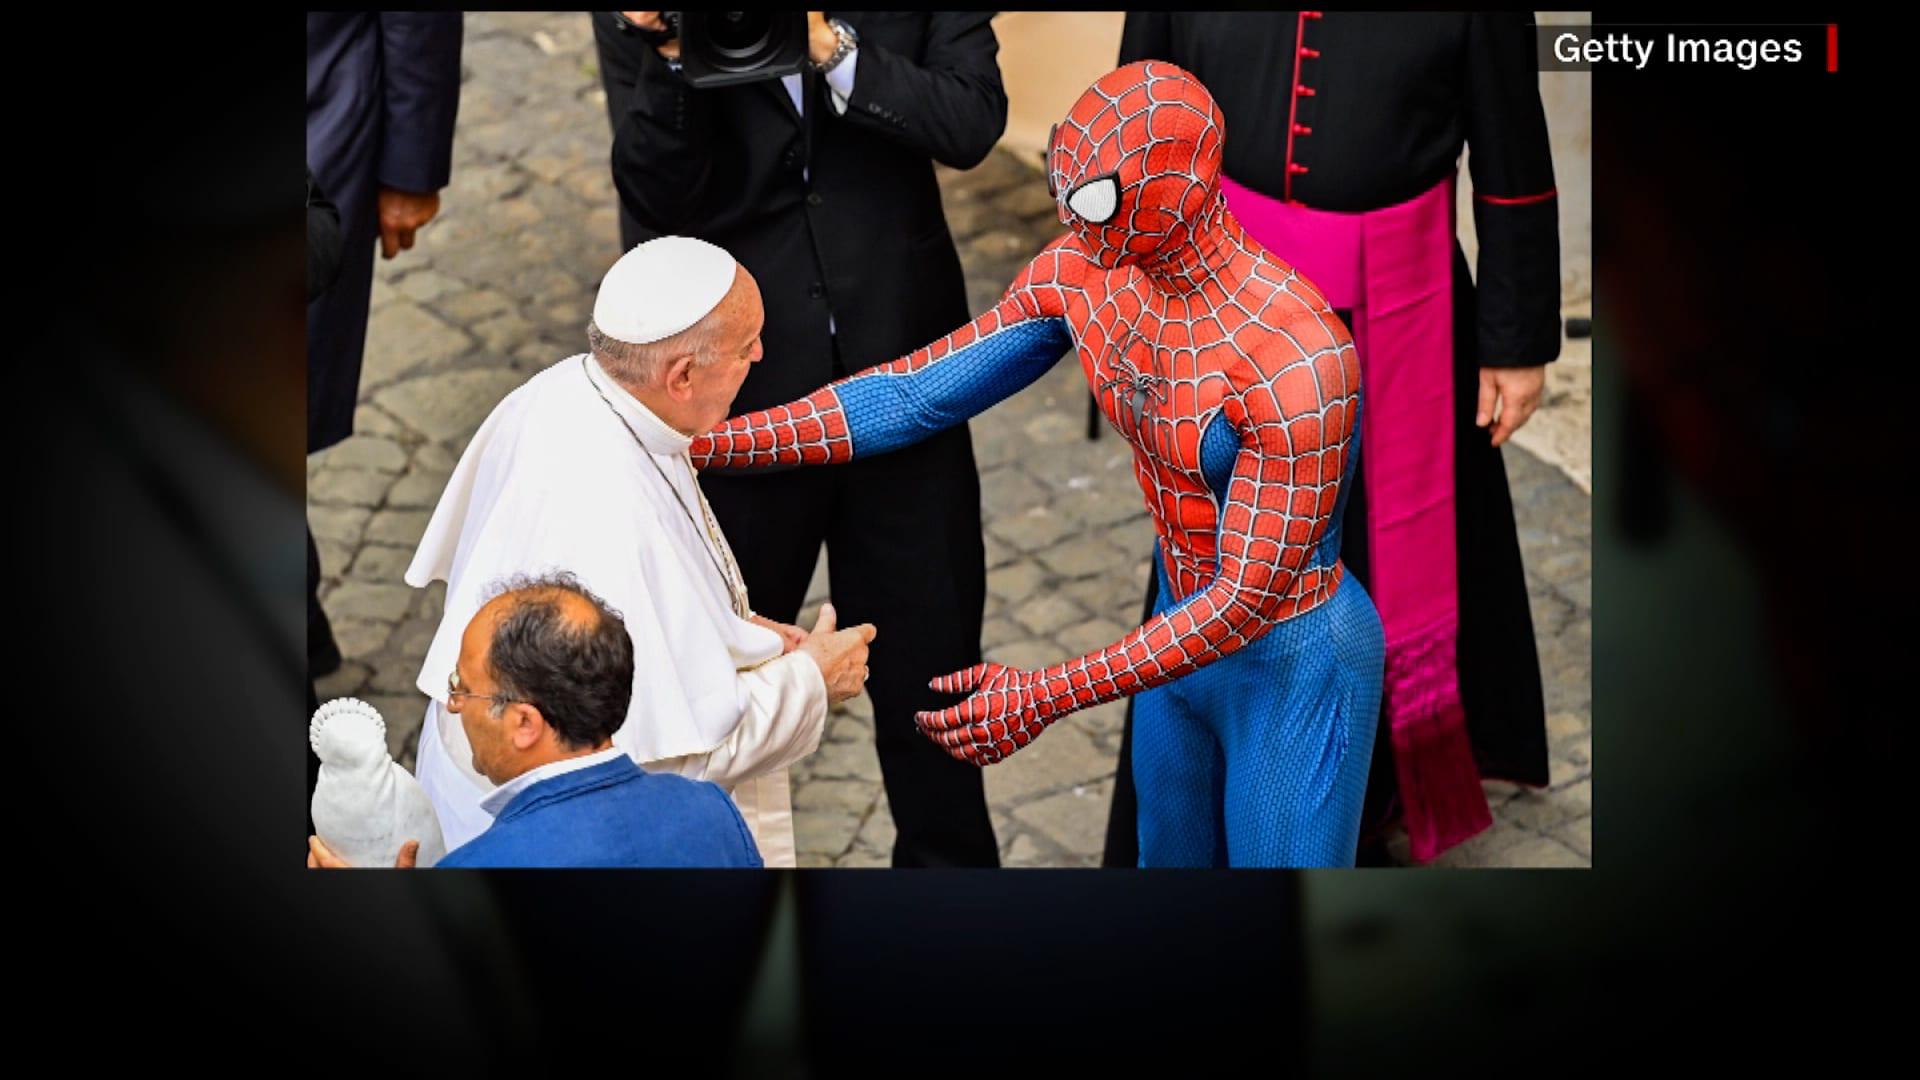 تداول صور لقاء غير تقليدي بين البابا فرانسيس والرجل العنكبوت.. ما القصة وراء مصافحتهما؟